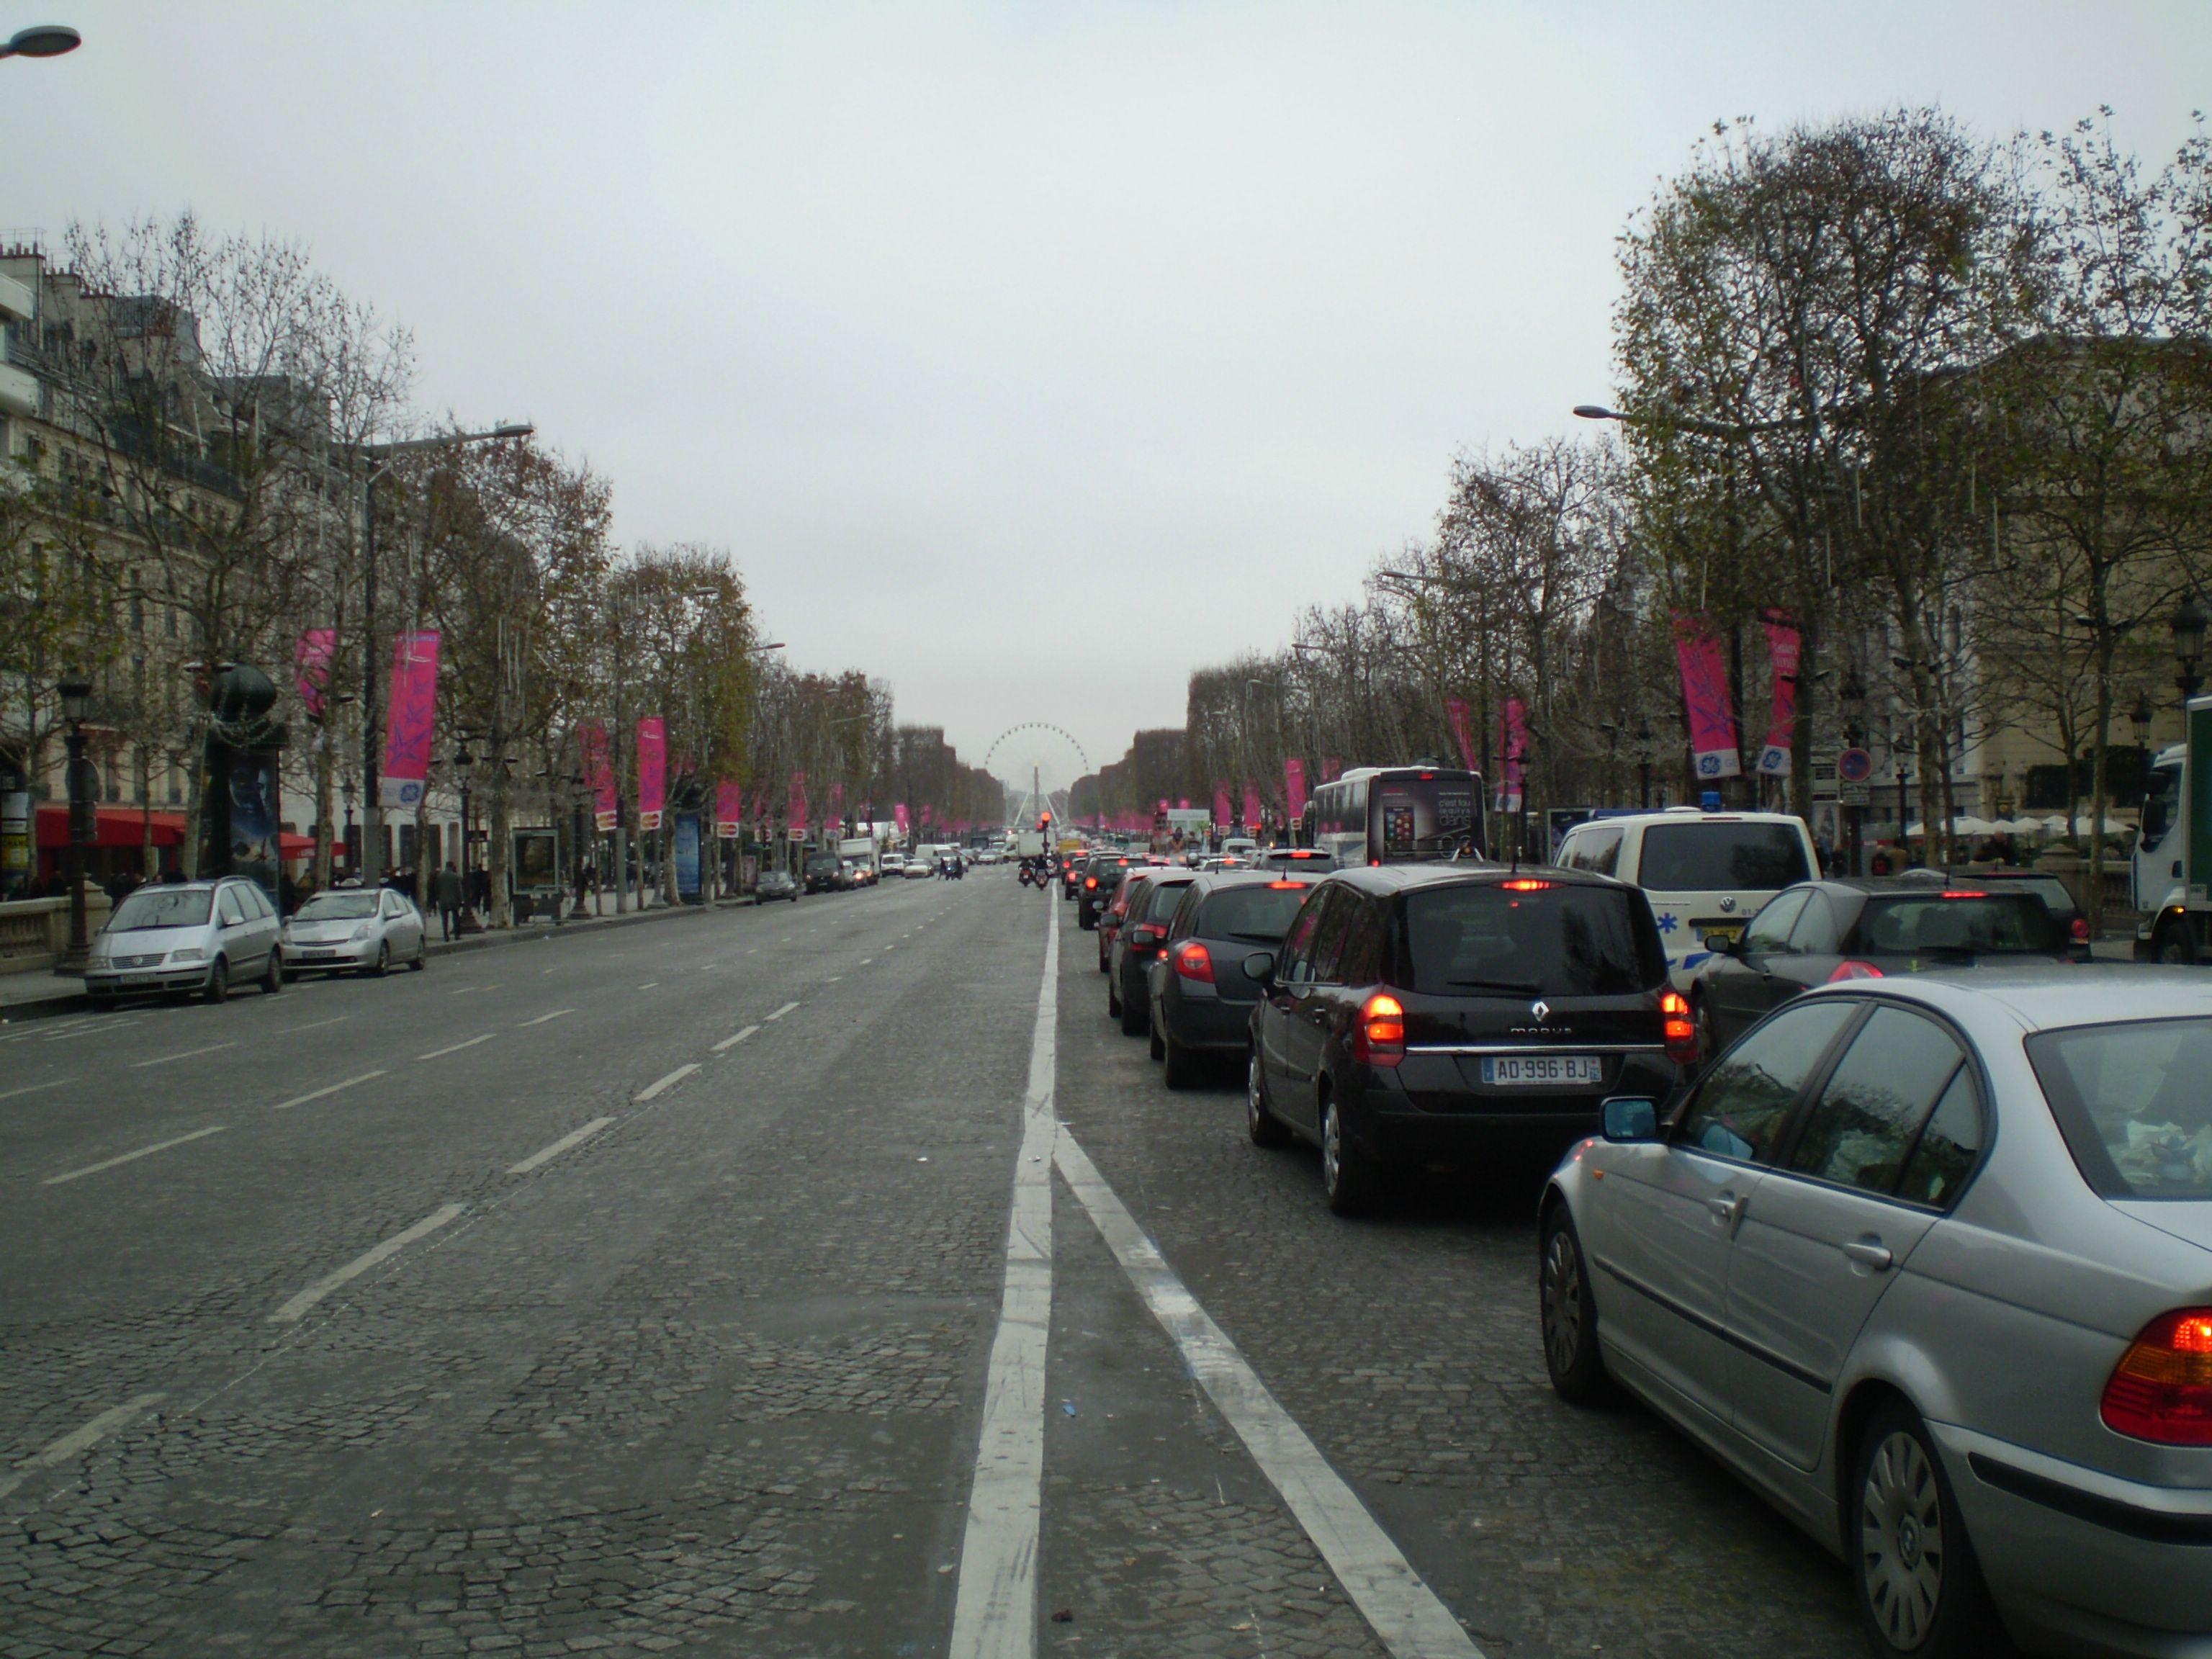 Avenida Campos Eliseos